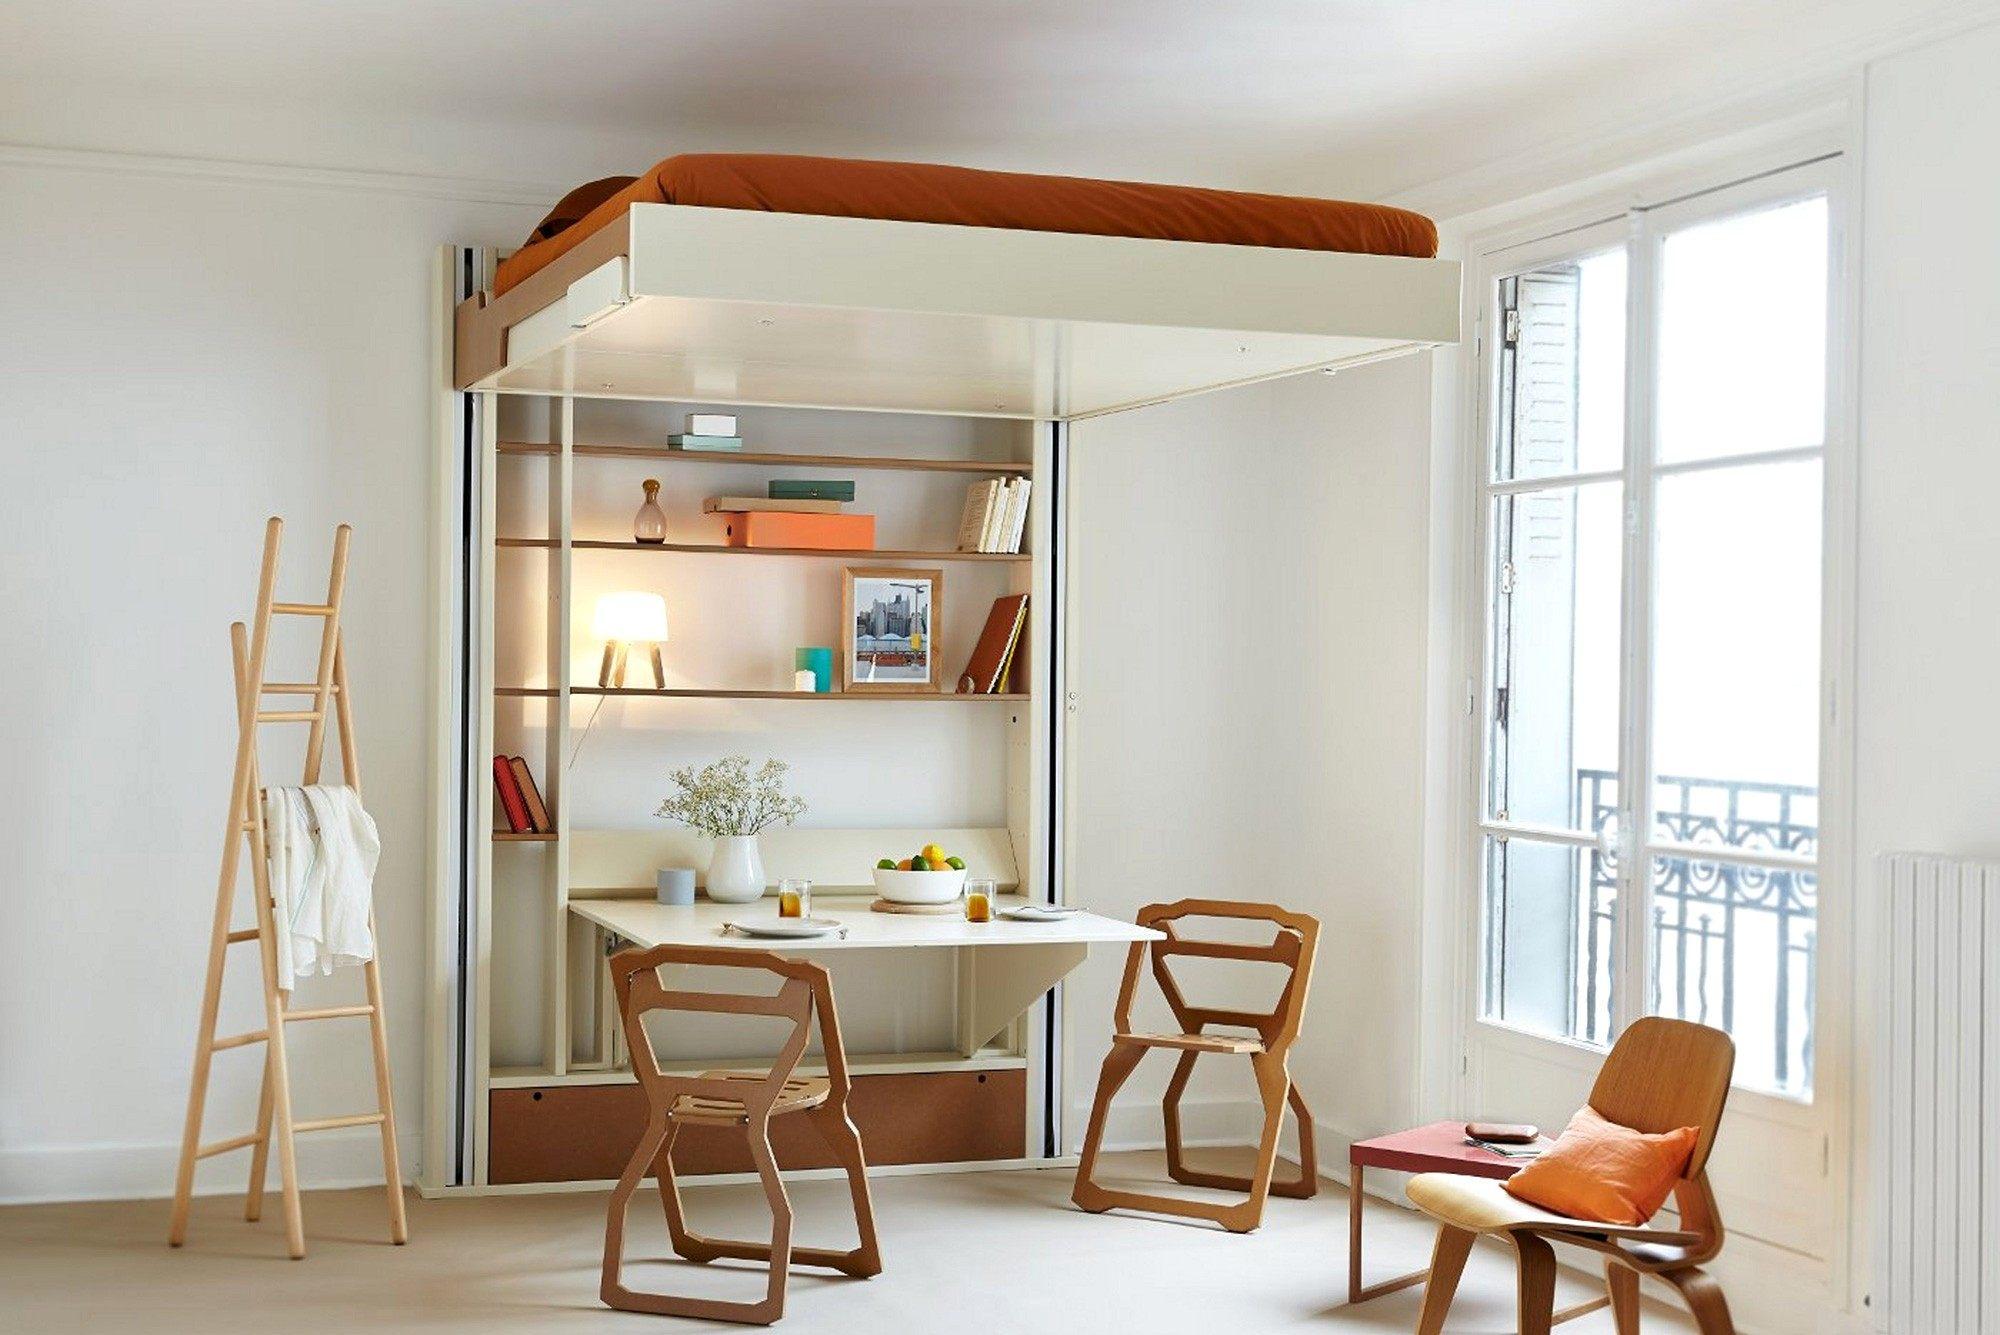 Lit Superposé Avec Bureau Génial Adorable Lit Canapé Escamotable Avec Bureau Retractable Bureau